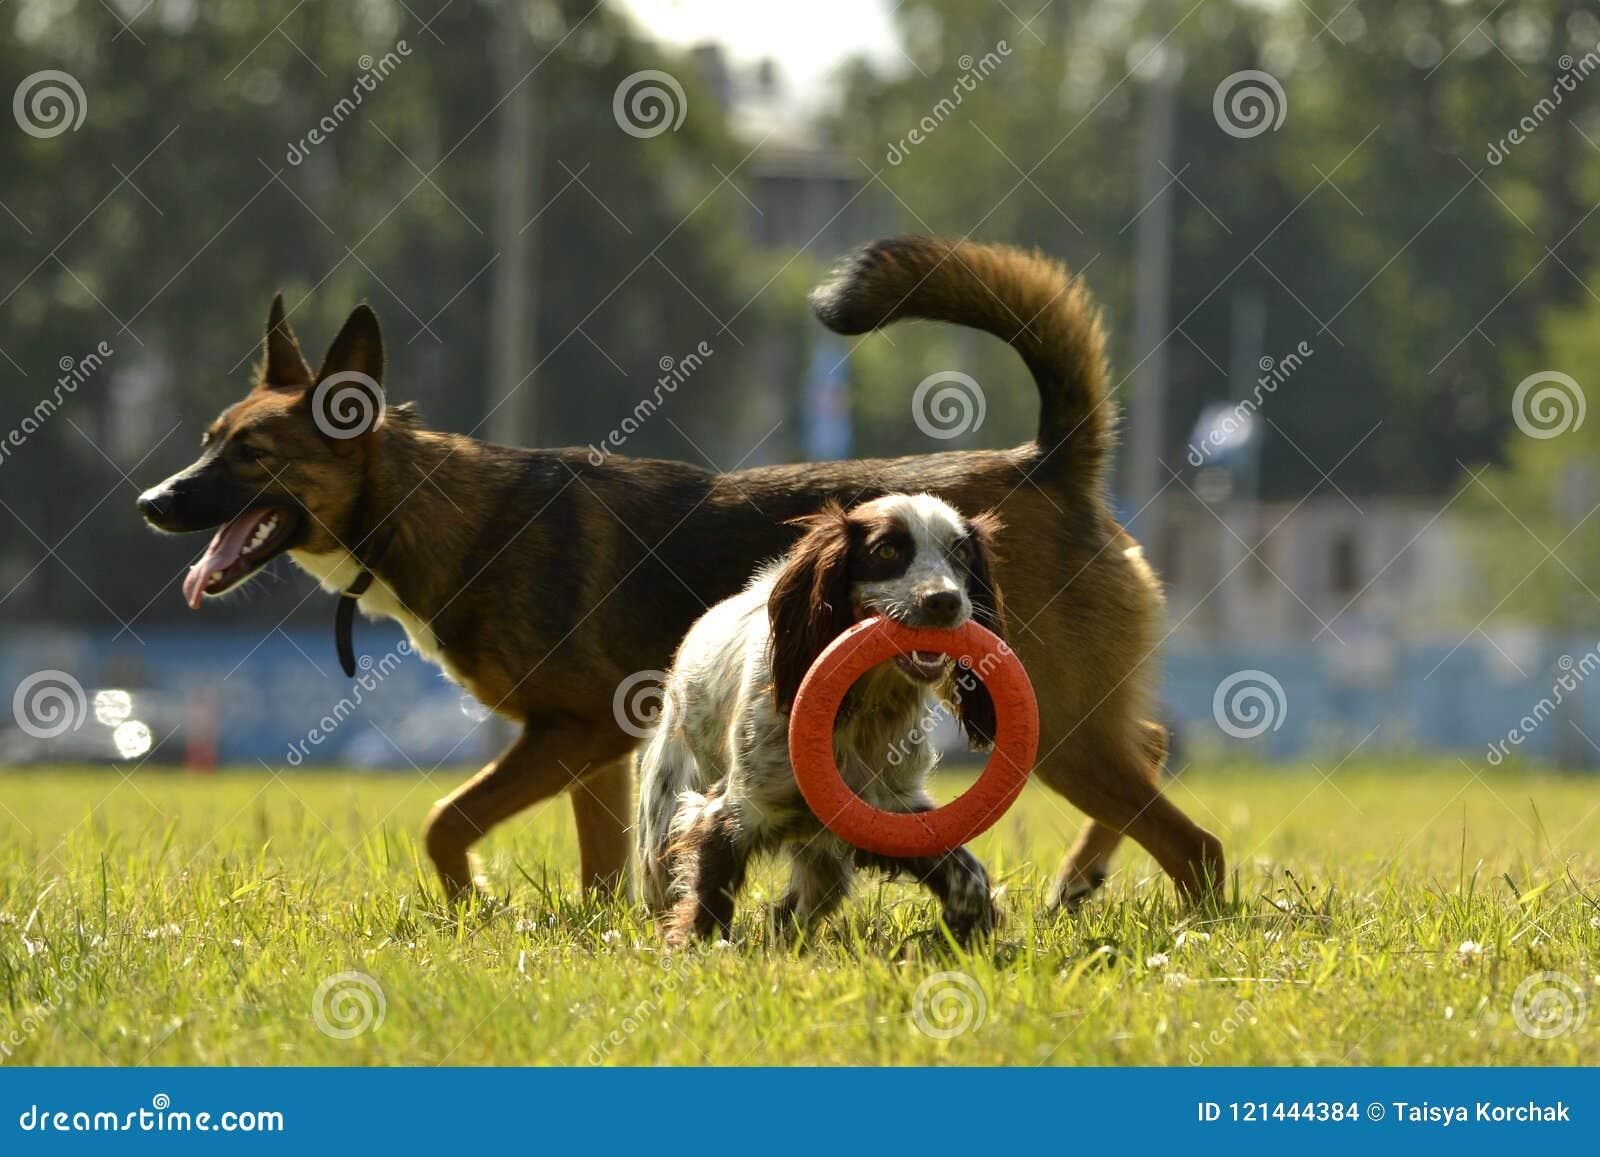 Jogo dos cães um com o otro Cachorrinhos alegres do alarido Educação nova do cão, cynology, treinamento intensivo dos cães